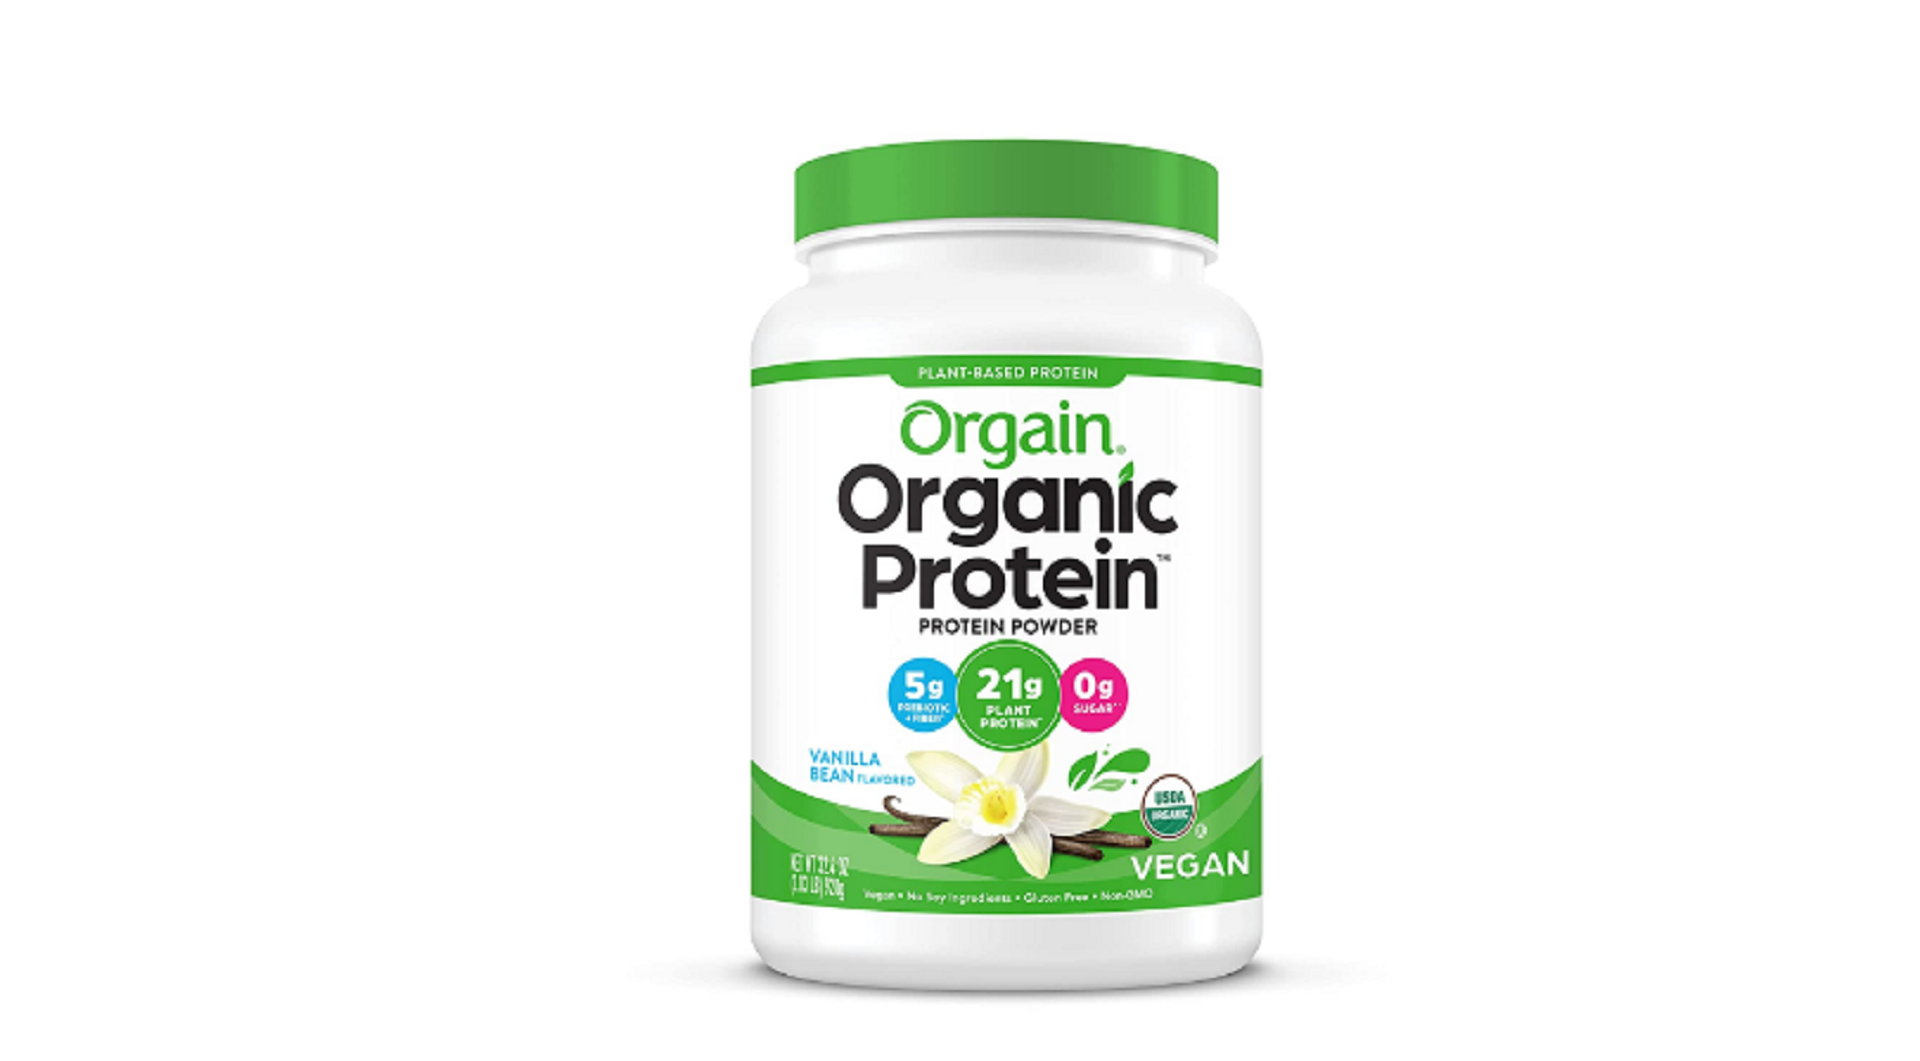 orgain organic powder